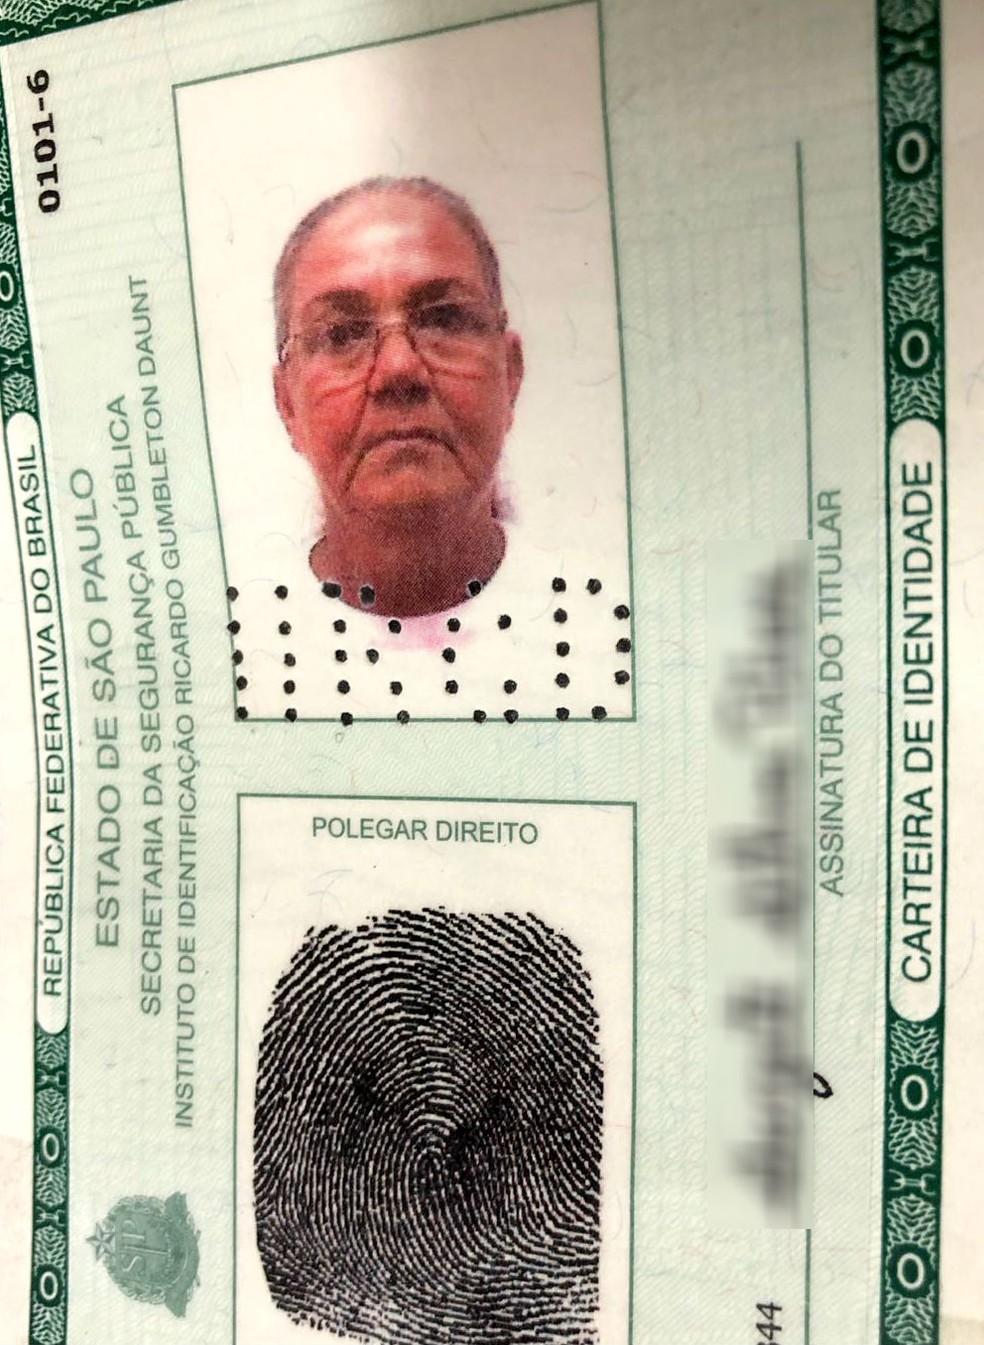 Golpista recebeu da quadrilha paulistana documentos falsificados com sua foto (Foto: TV TEM/Reprodução)